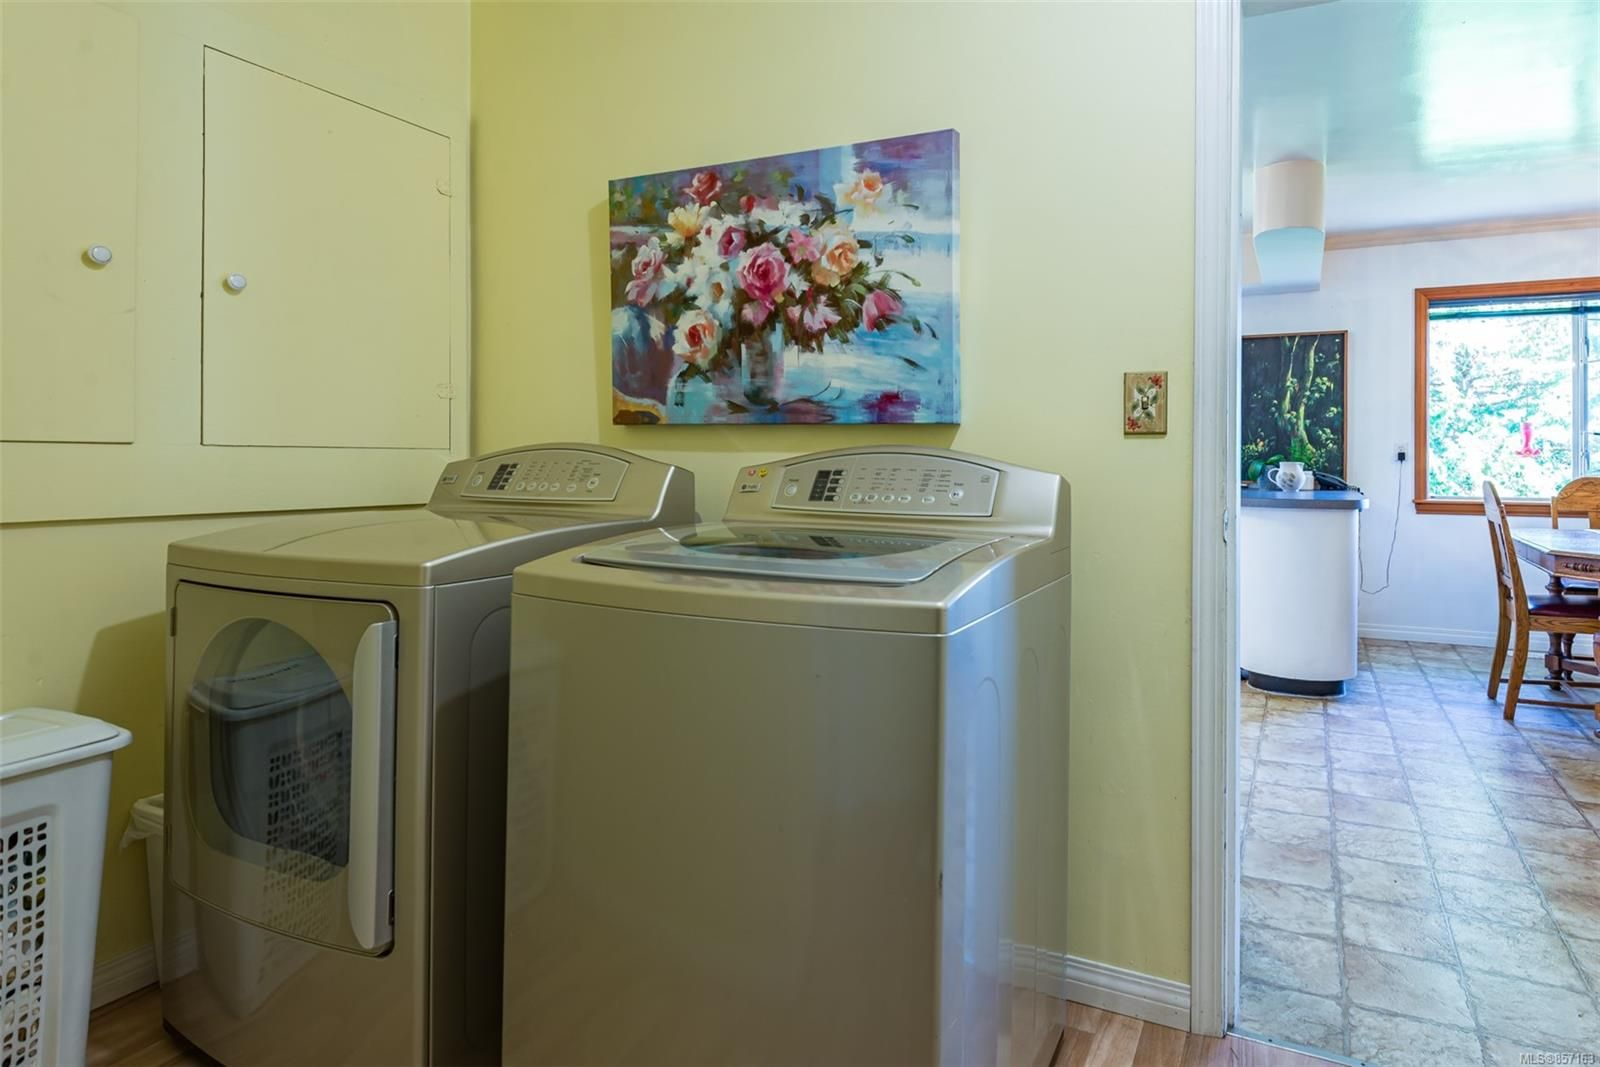 Photo 32: Photos: 4241 Buddington Rd in : CV Courtenay South House for sale (Comox Valley)  : MLS®# 857163